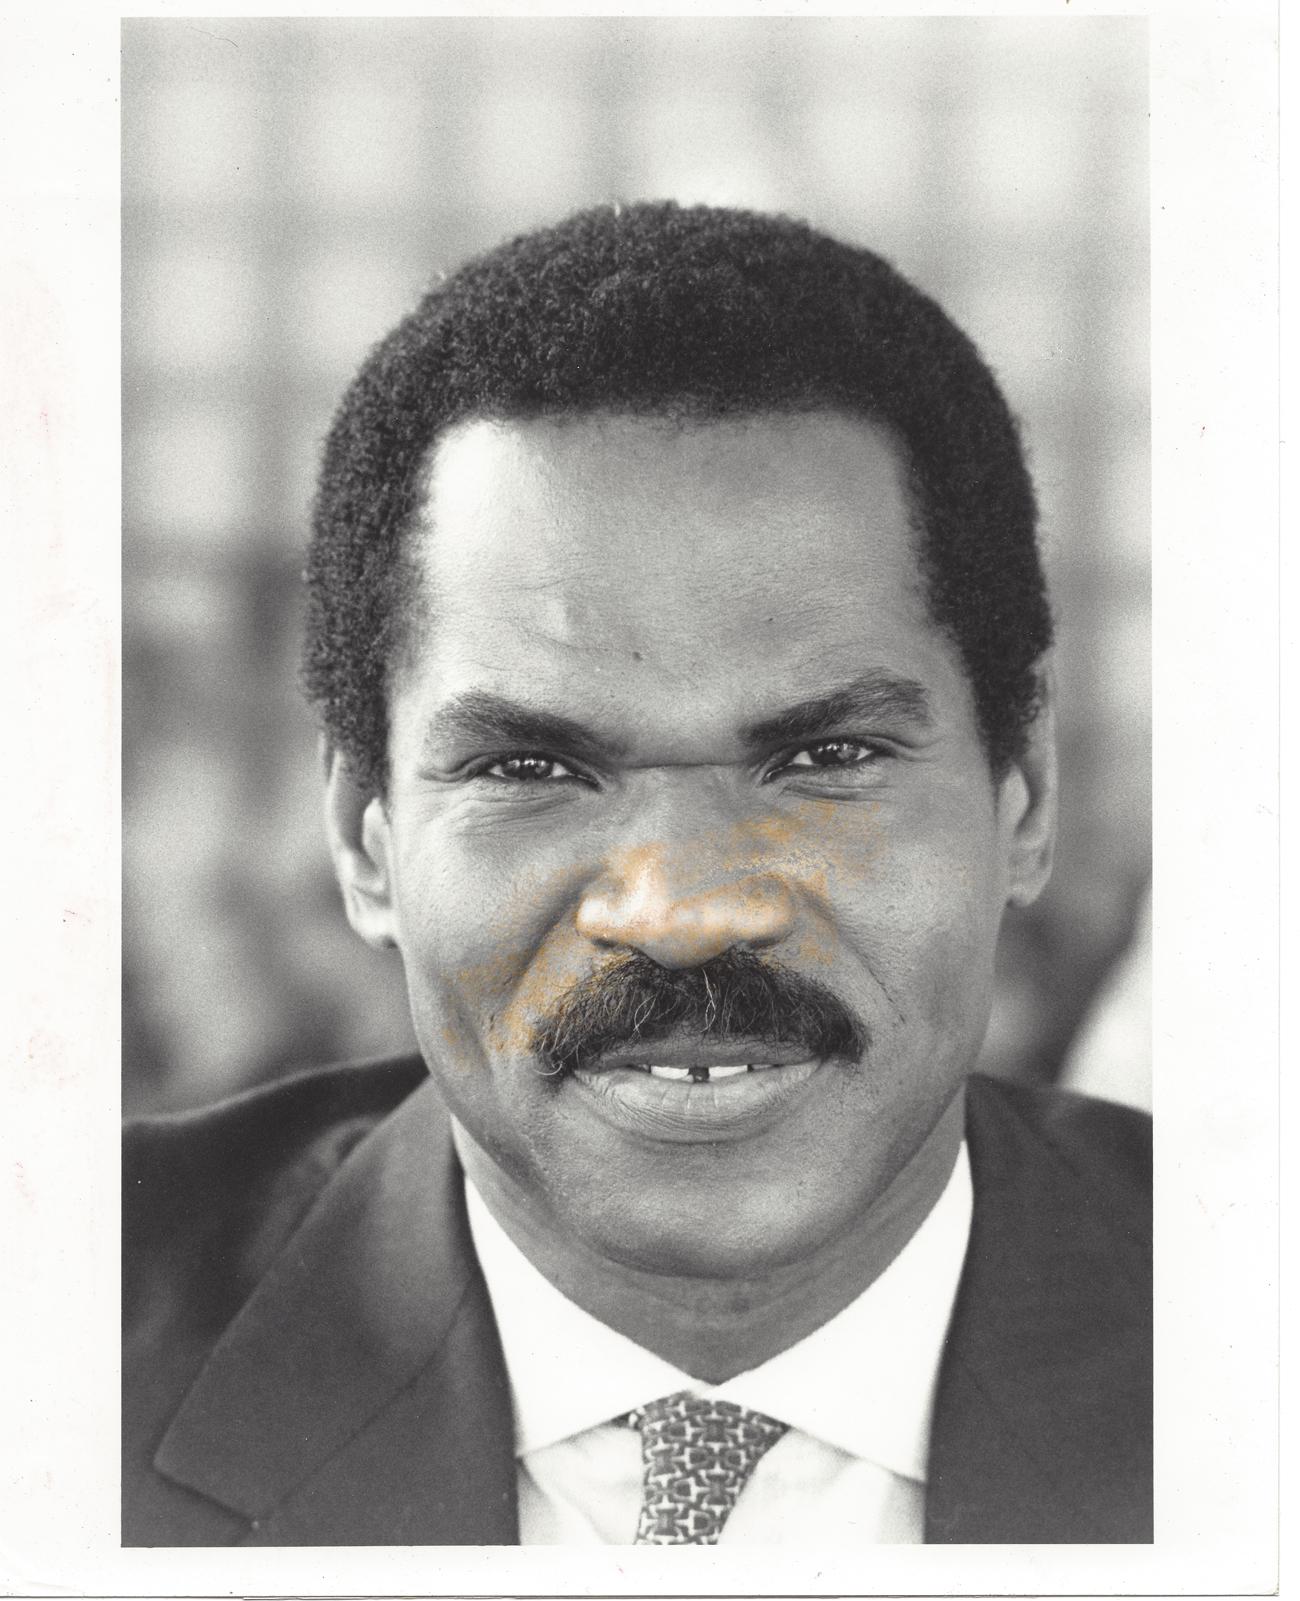 Reginald Lewis 1